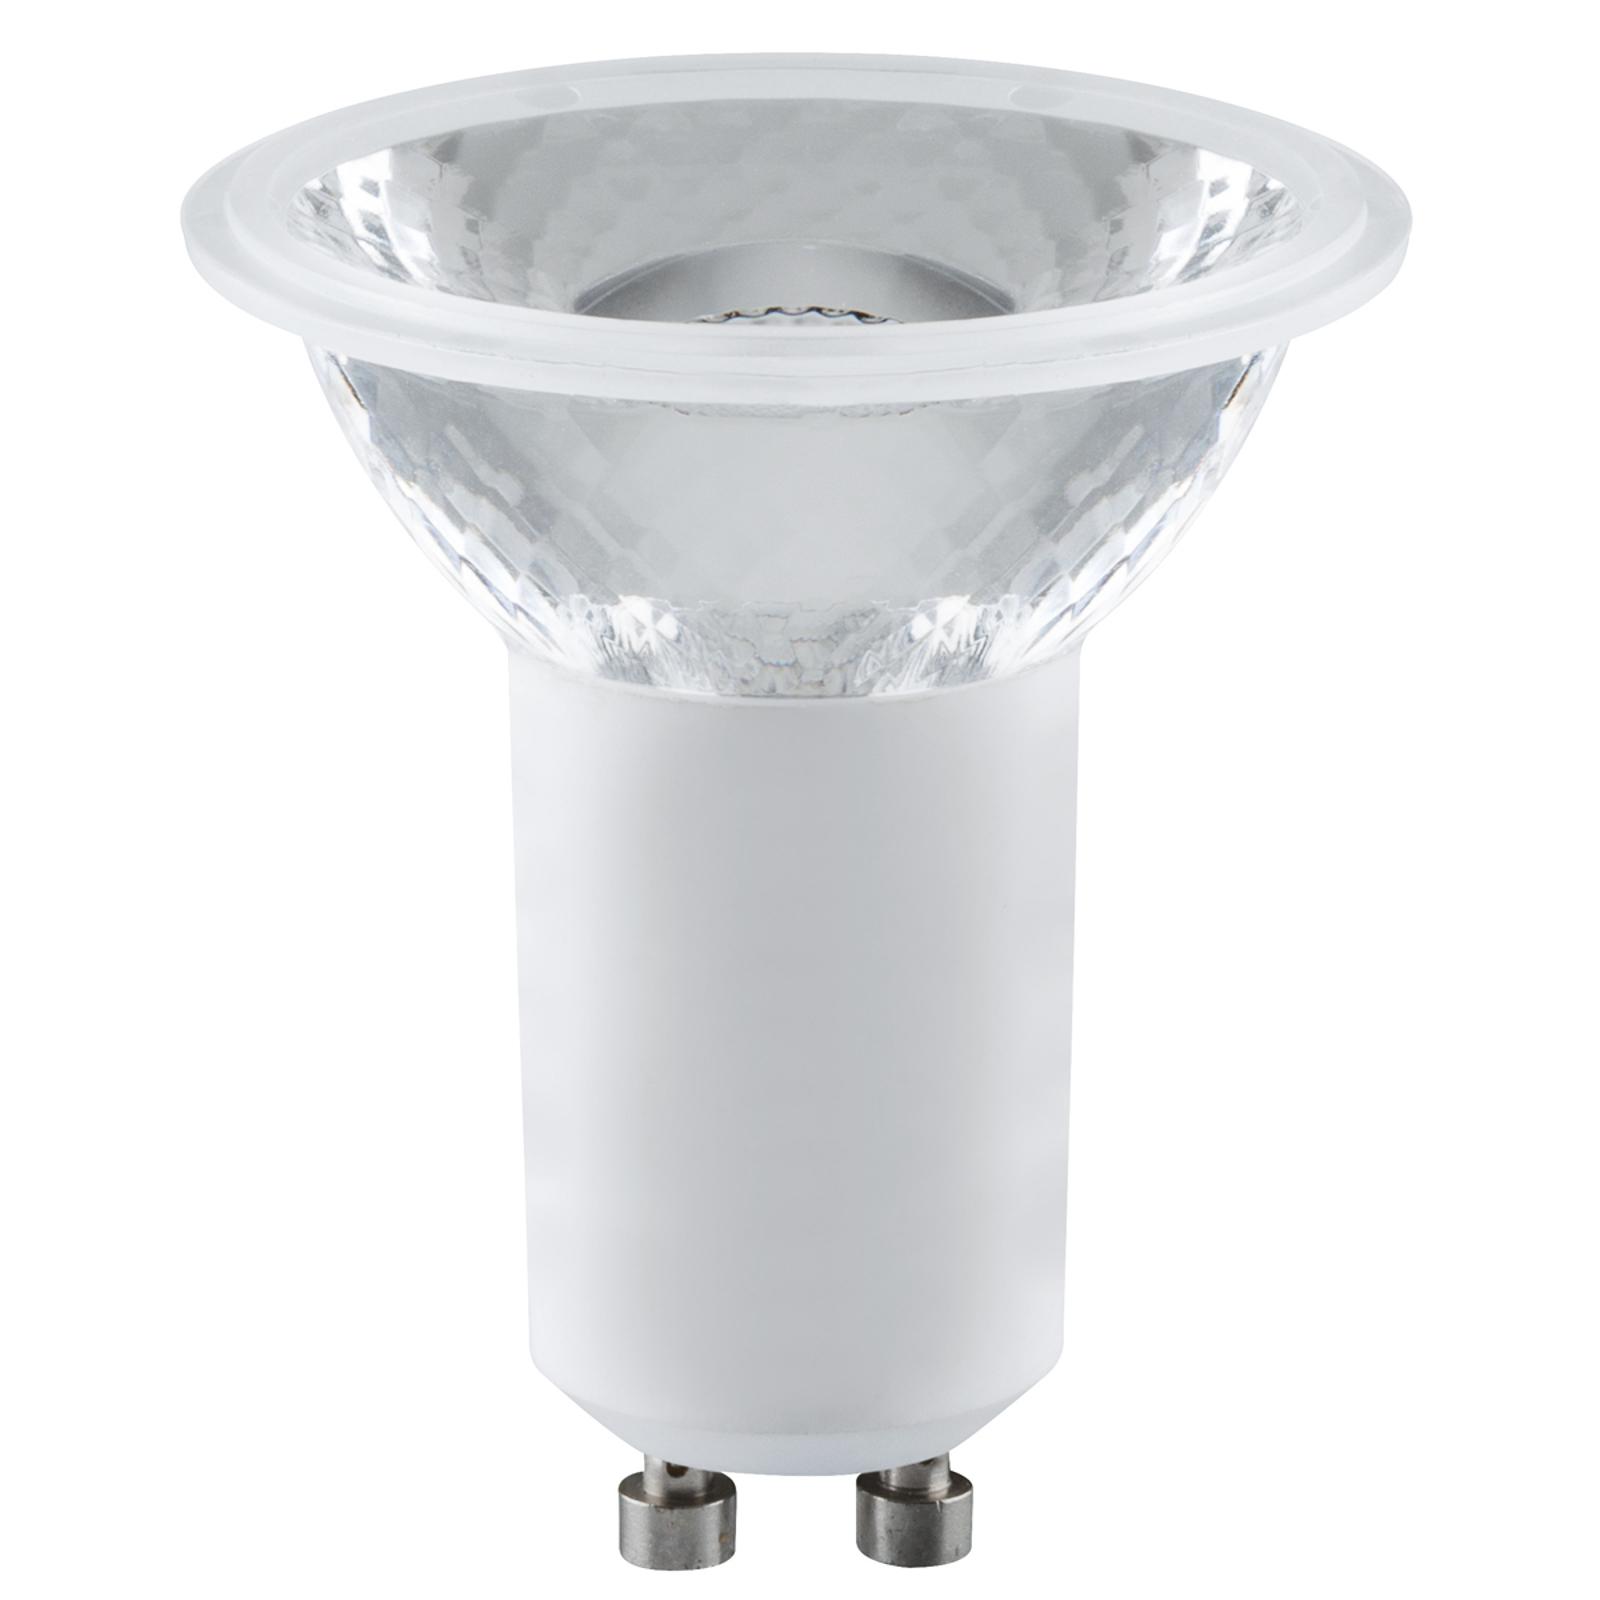 Paulmann LED-Reflektor GU10 3W 45°